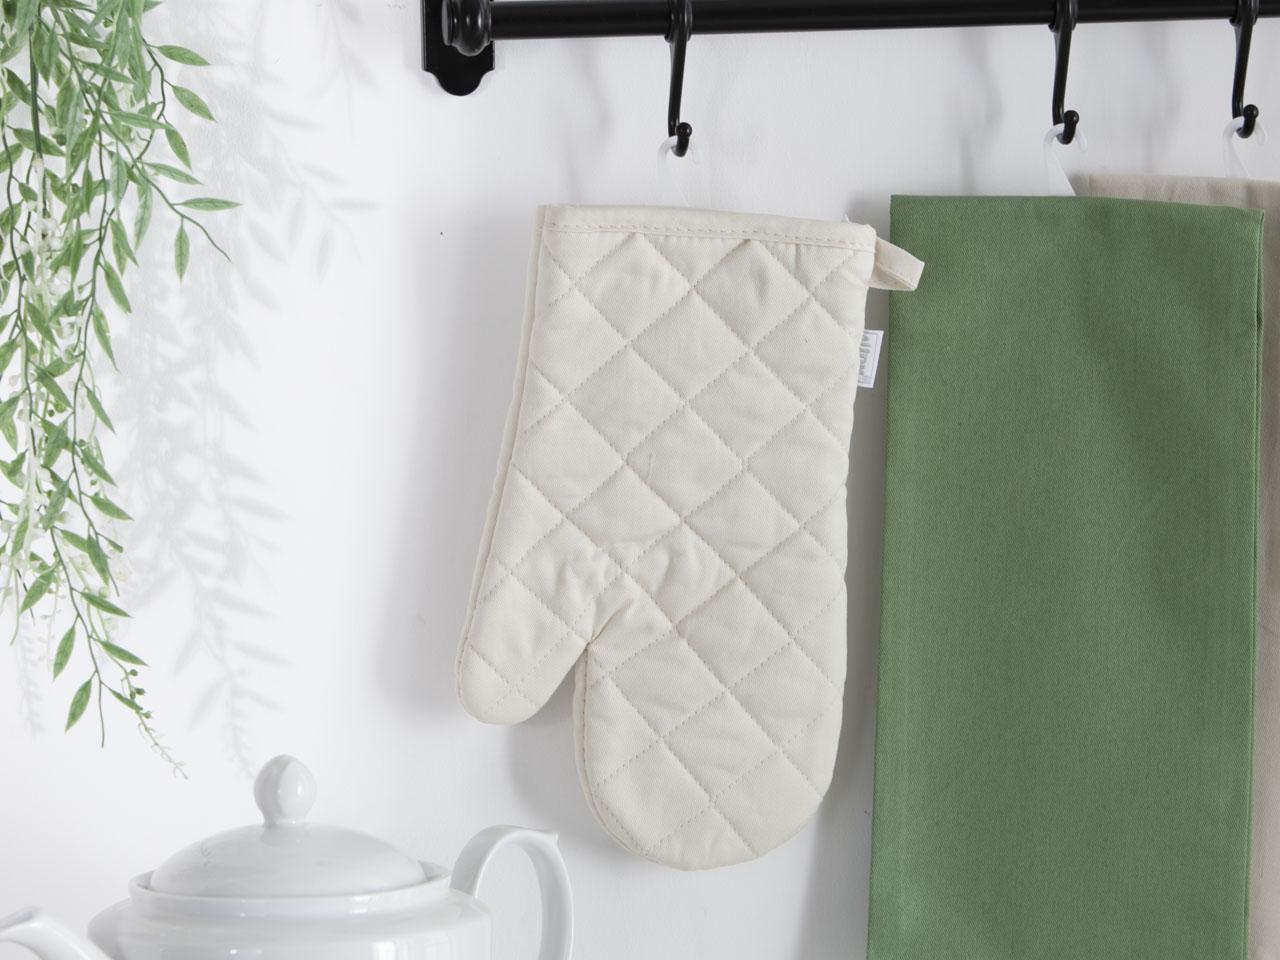 Rękawica kuchenna 100% bawełna Altom Design kolekcja Monokolor beżowa